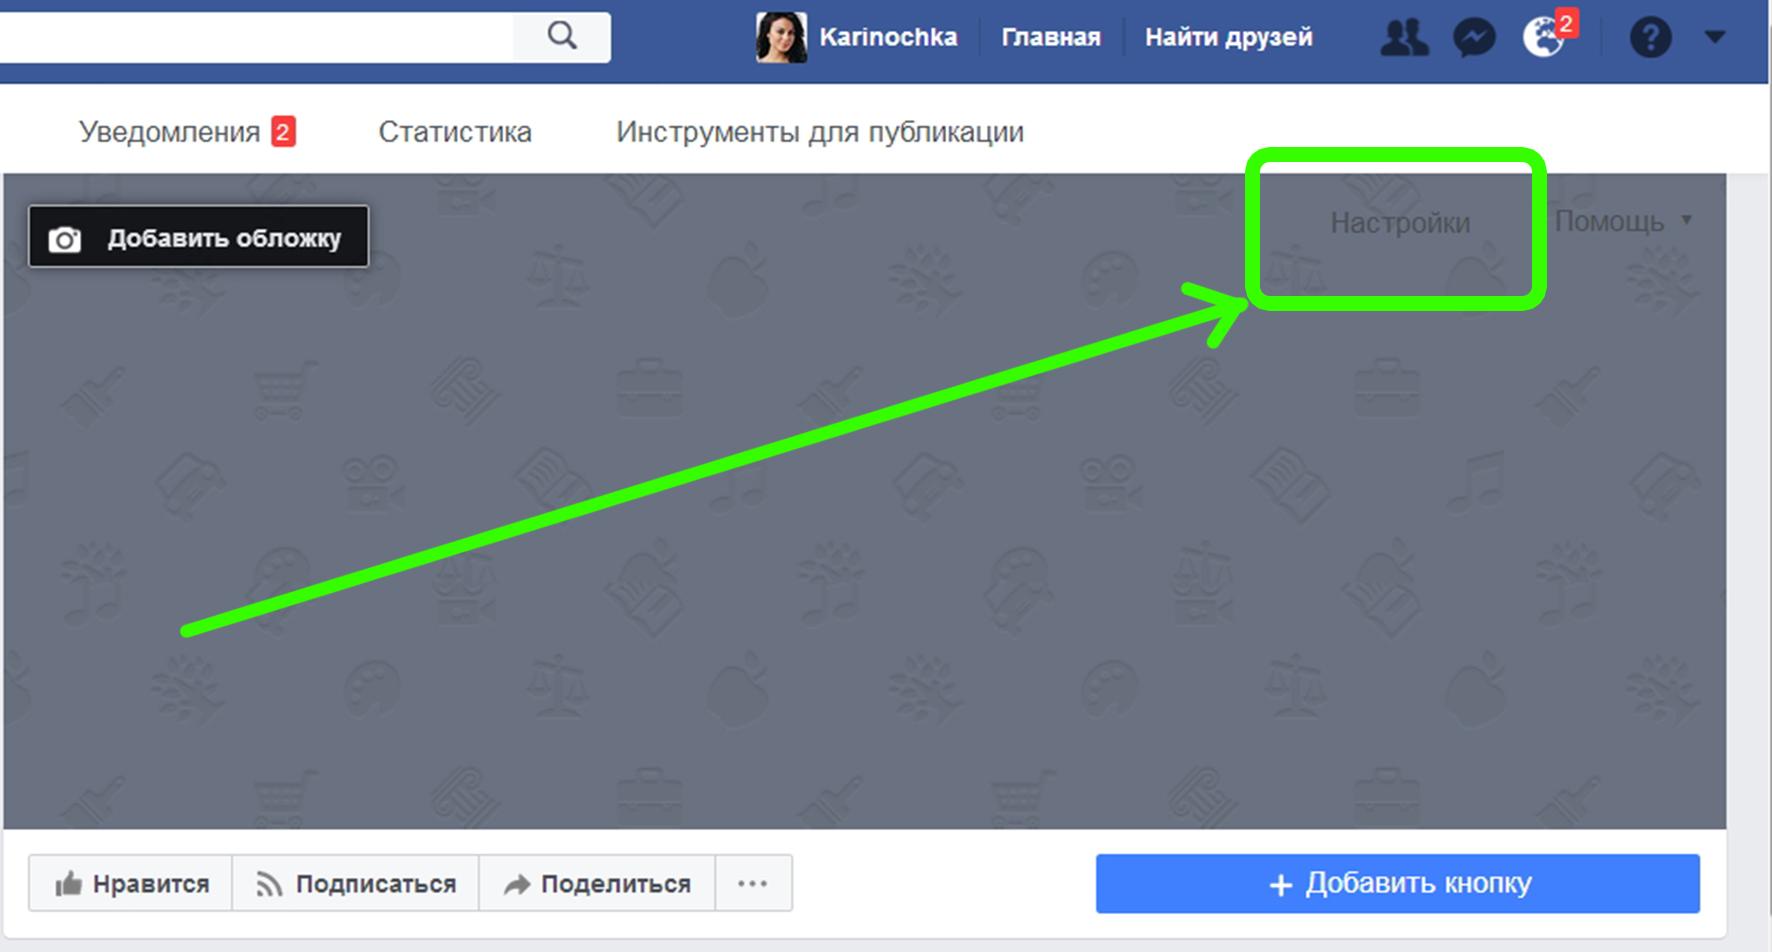 Следующий пример страницы Фейсбук, где очень трудно различить кнопку «Настроек» сообщества.